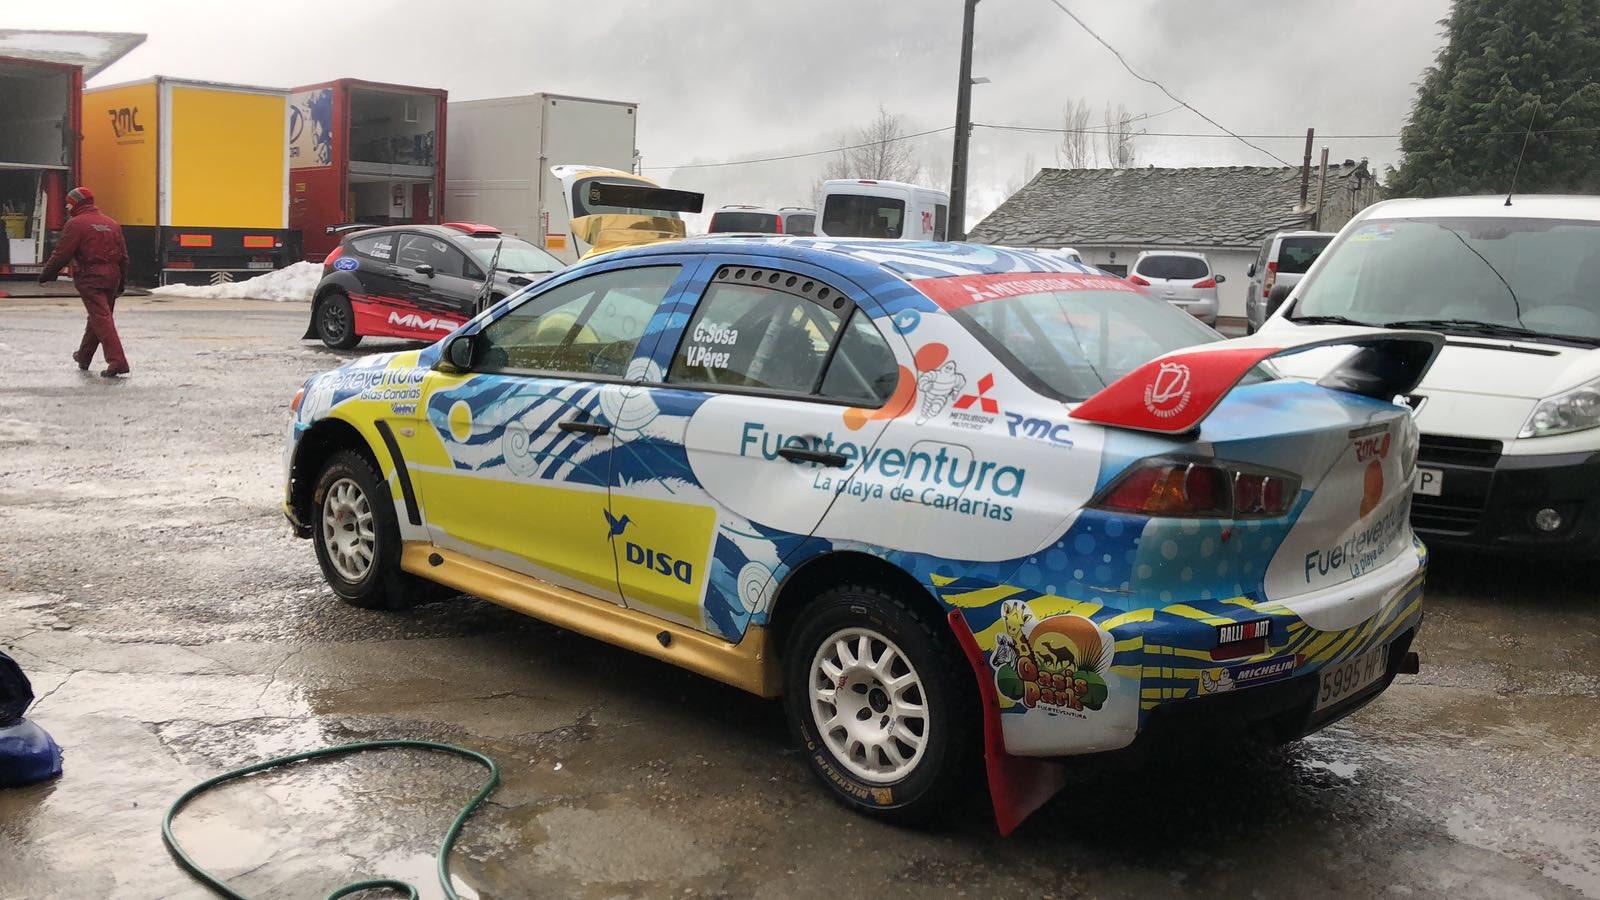 Nacionales de Rallyes Europeos(y no Europeos) 2018: Información y novedades - Página 4 DWEyuKoWAAAy-MD